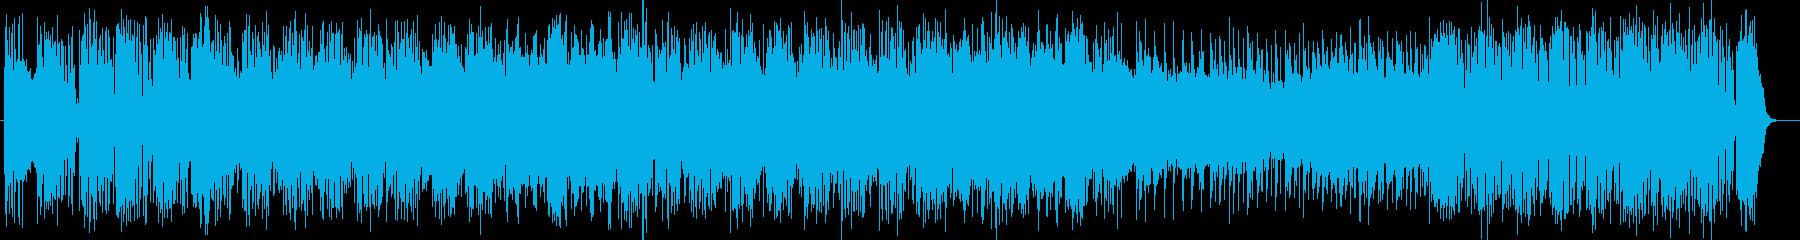 激しく勢いのあるロックの再生済みの波形